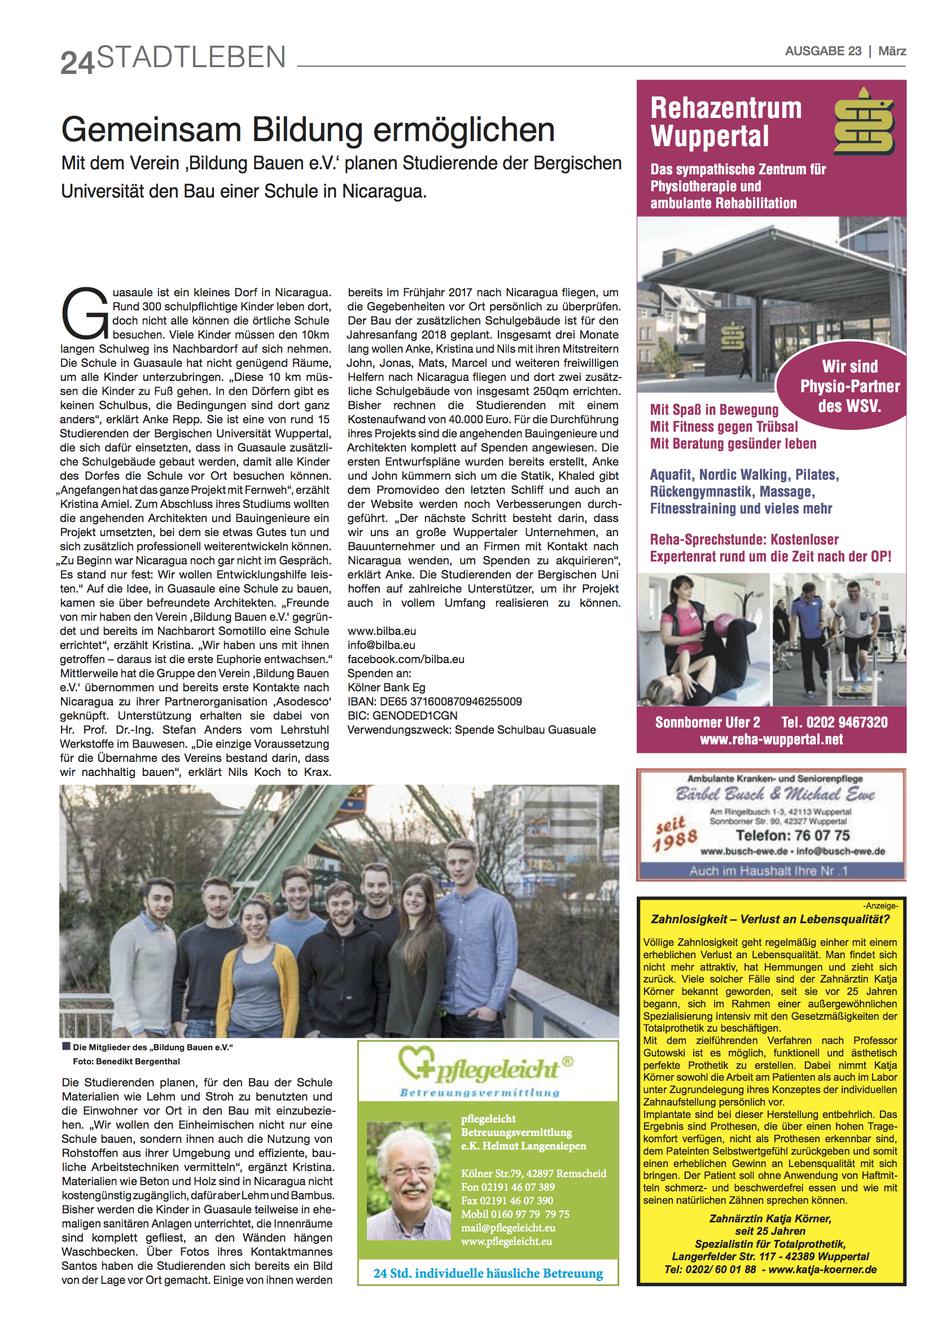 Die Stadtzeitung, Ausgabe Nr. 23, März 2017, Seite 24